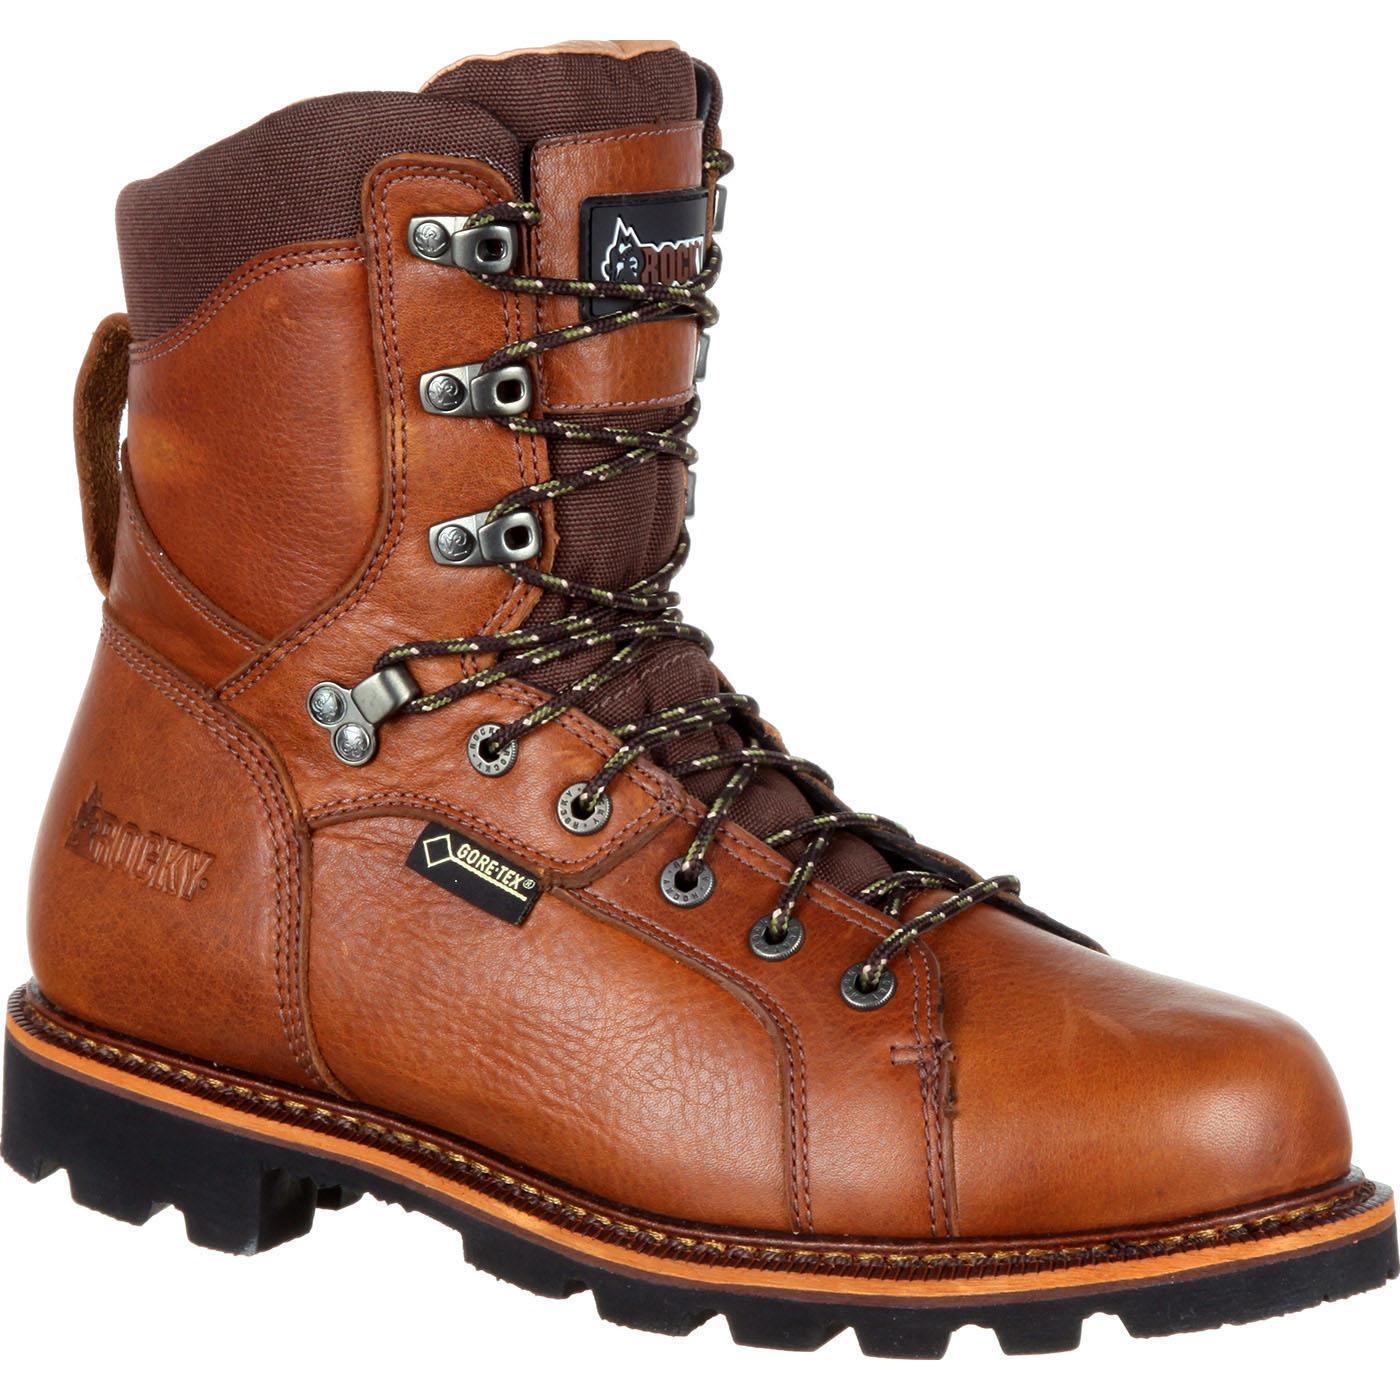 Rocky Portland Men's ... Waterproof Work Boots OgfnKLfbt